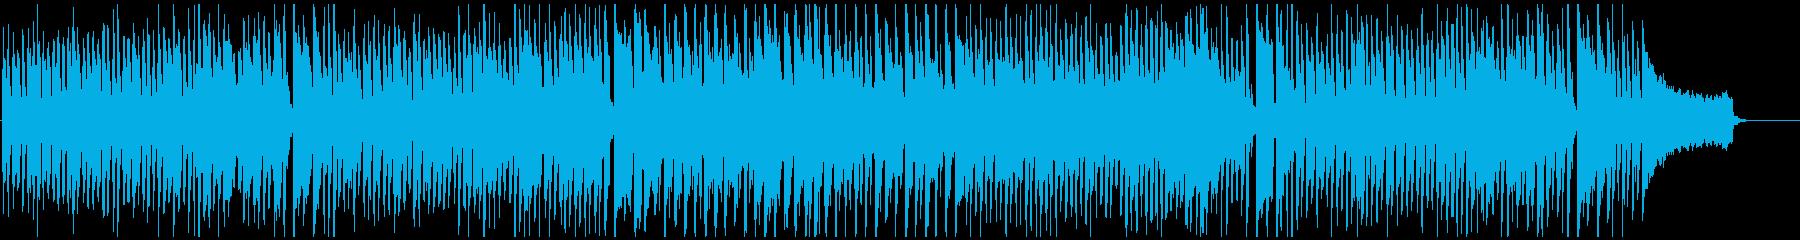 わくわく楽しい元気な遠足系リコーダーの再生済みの波形